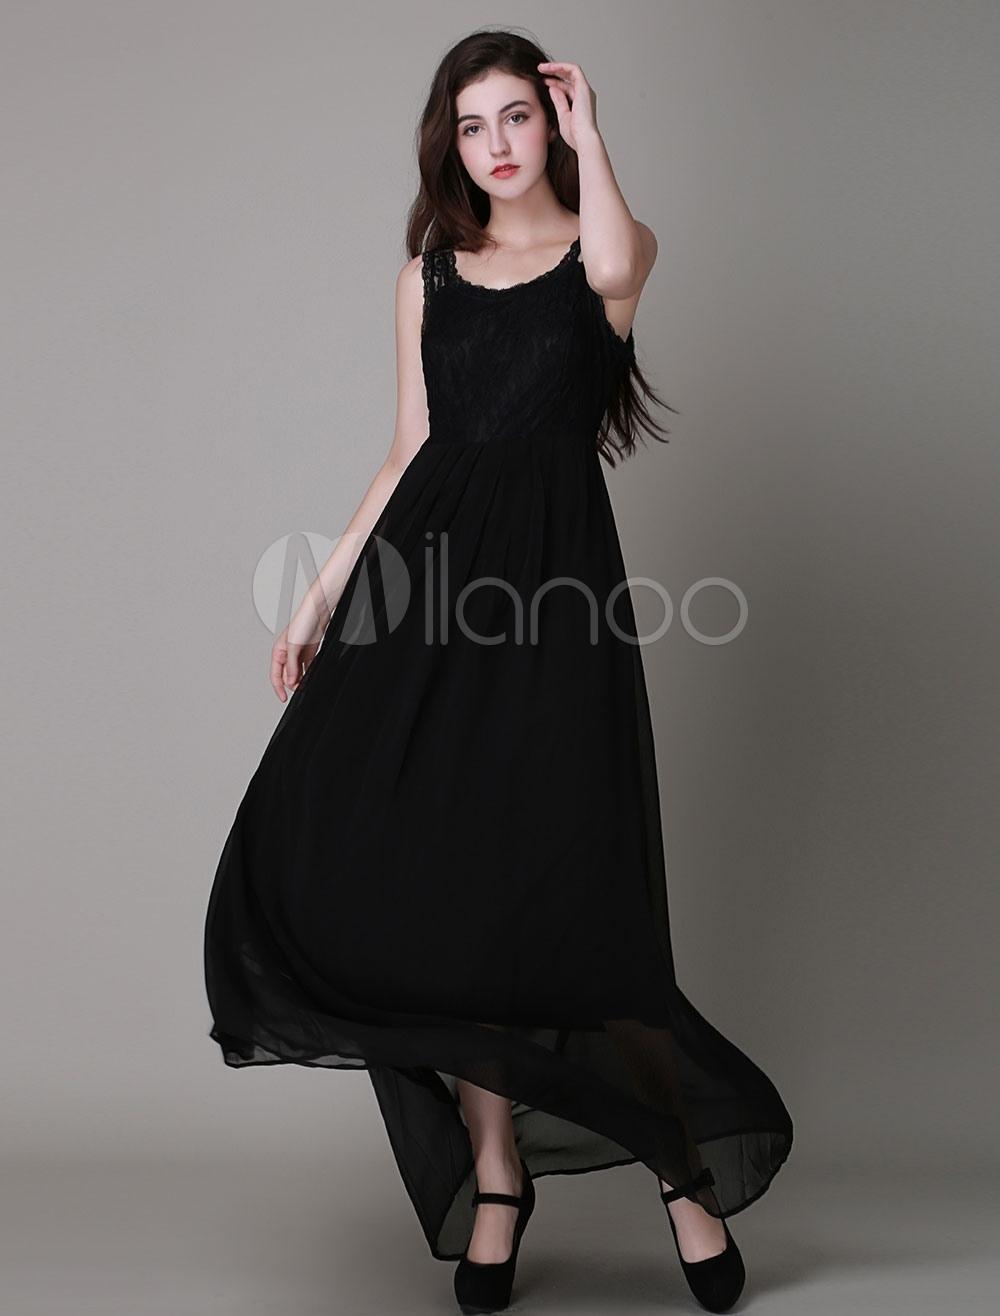 Luxurius Schwarzes Langes Kleid Vertrieb20 Cool Schwarzes Langes Kleid Stylish